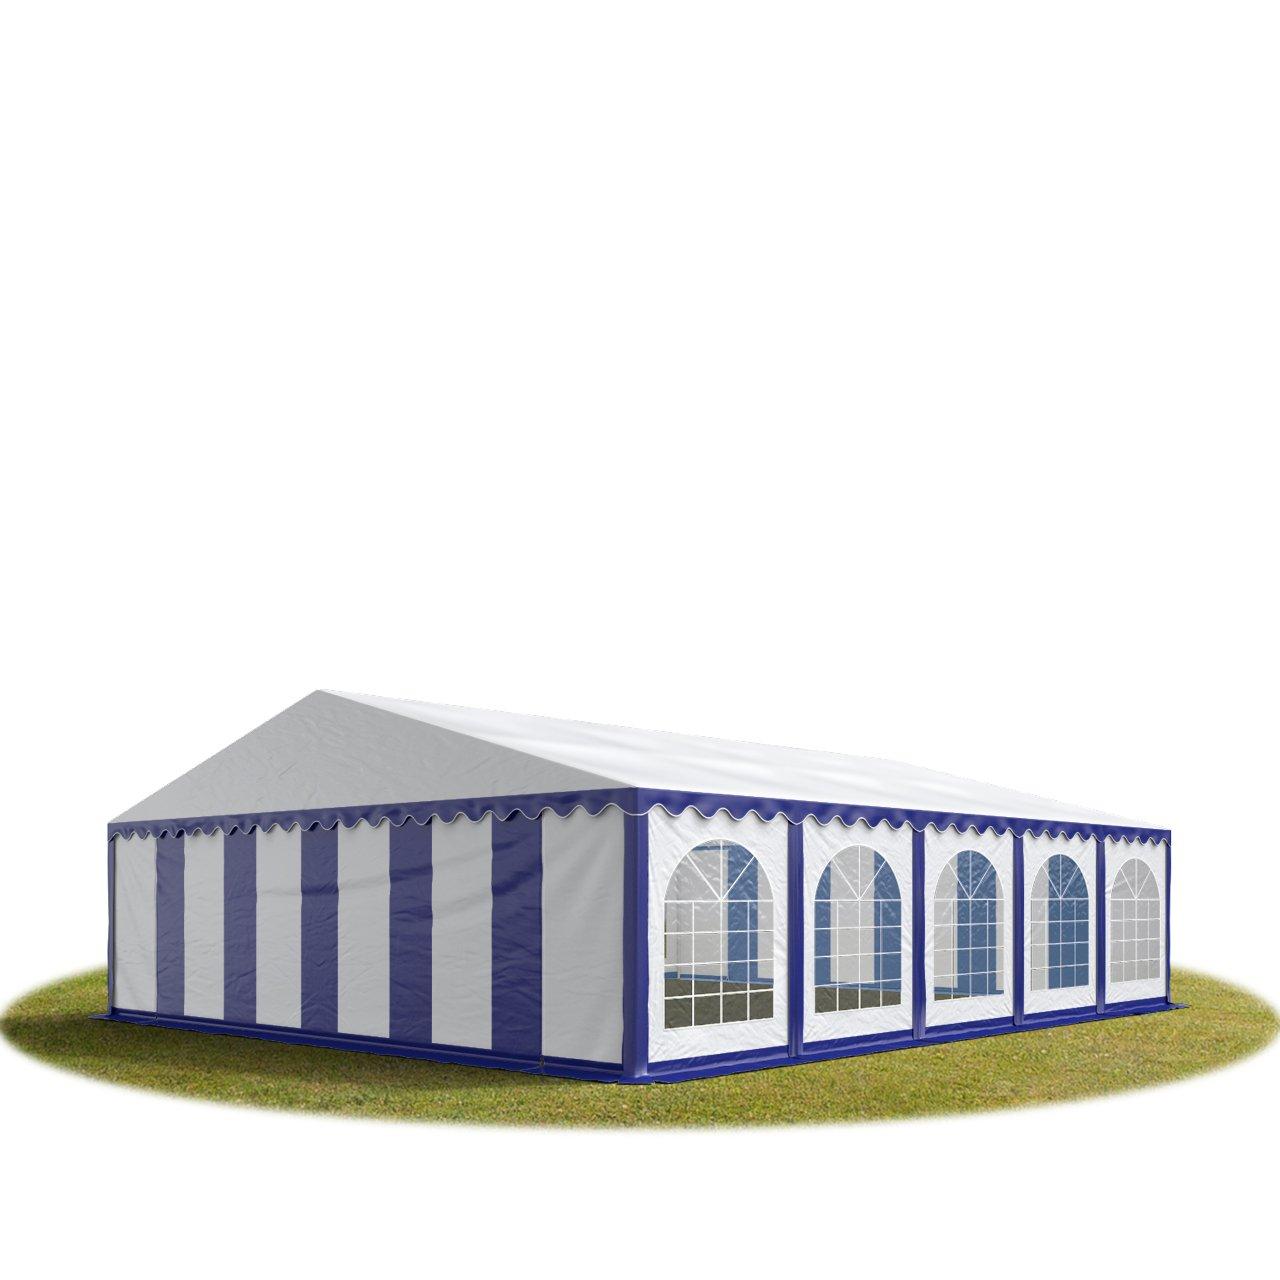 Festzelt Partyzelt 8x10m, hochwertige 500/m² PVC Plane in blau-weiß, 100% wasserdicht, vollverzinkte Stahlkonstruktion mit Verbolzung